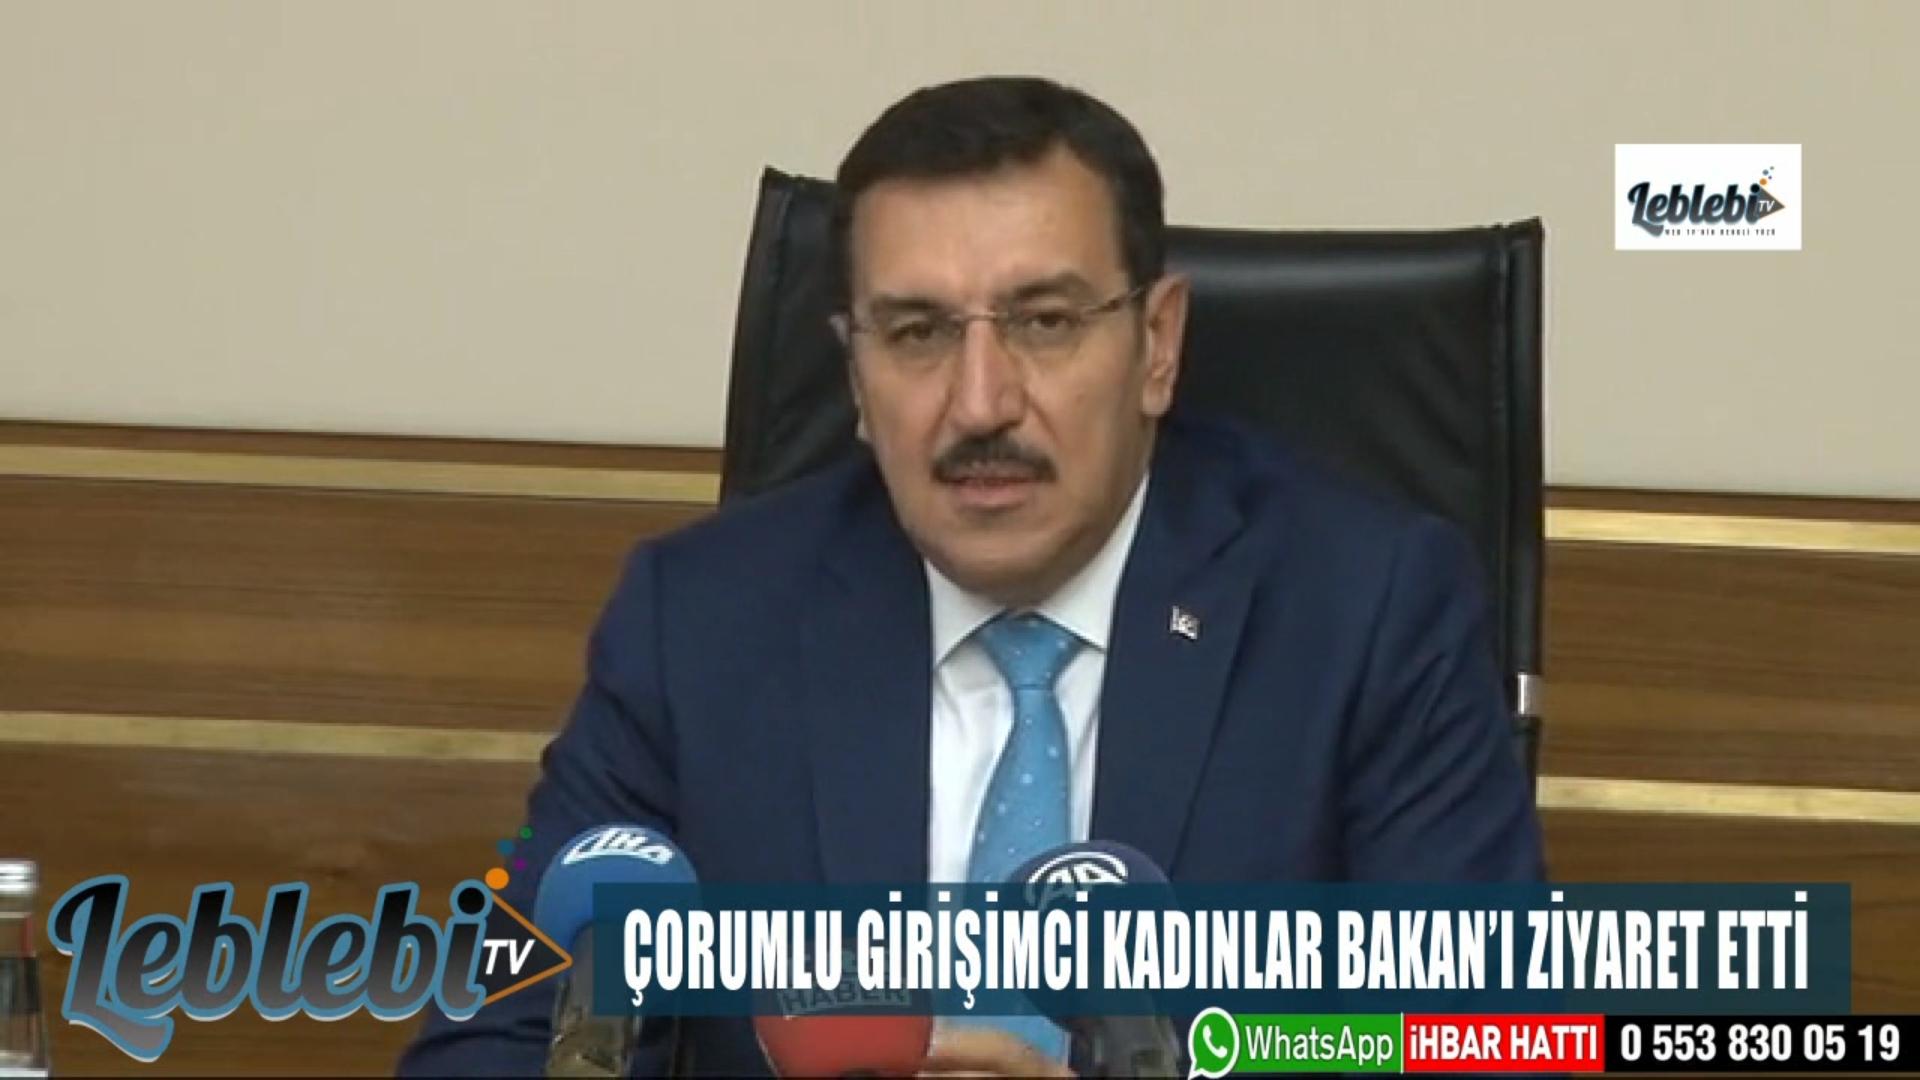 ÇORUMLU GİRİŞİMCİ KADINLAR BAKAN'I ZİYARET ETTİ